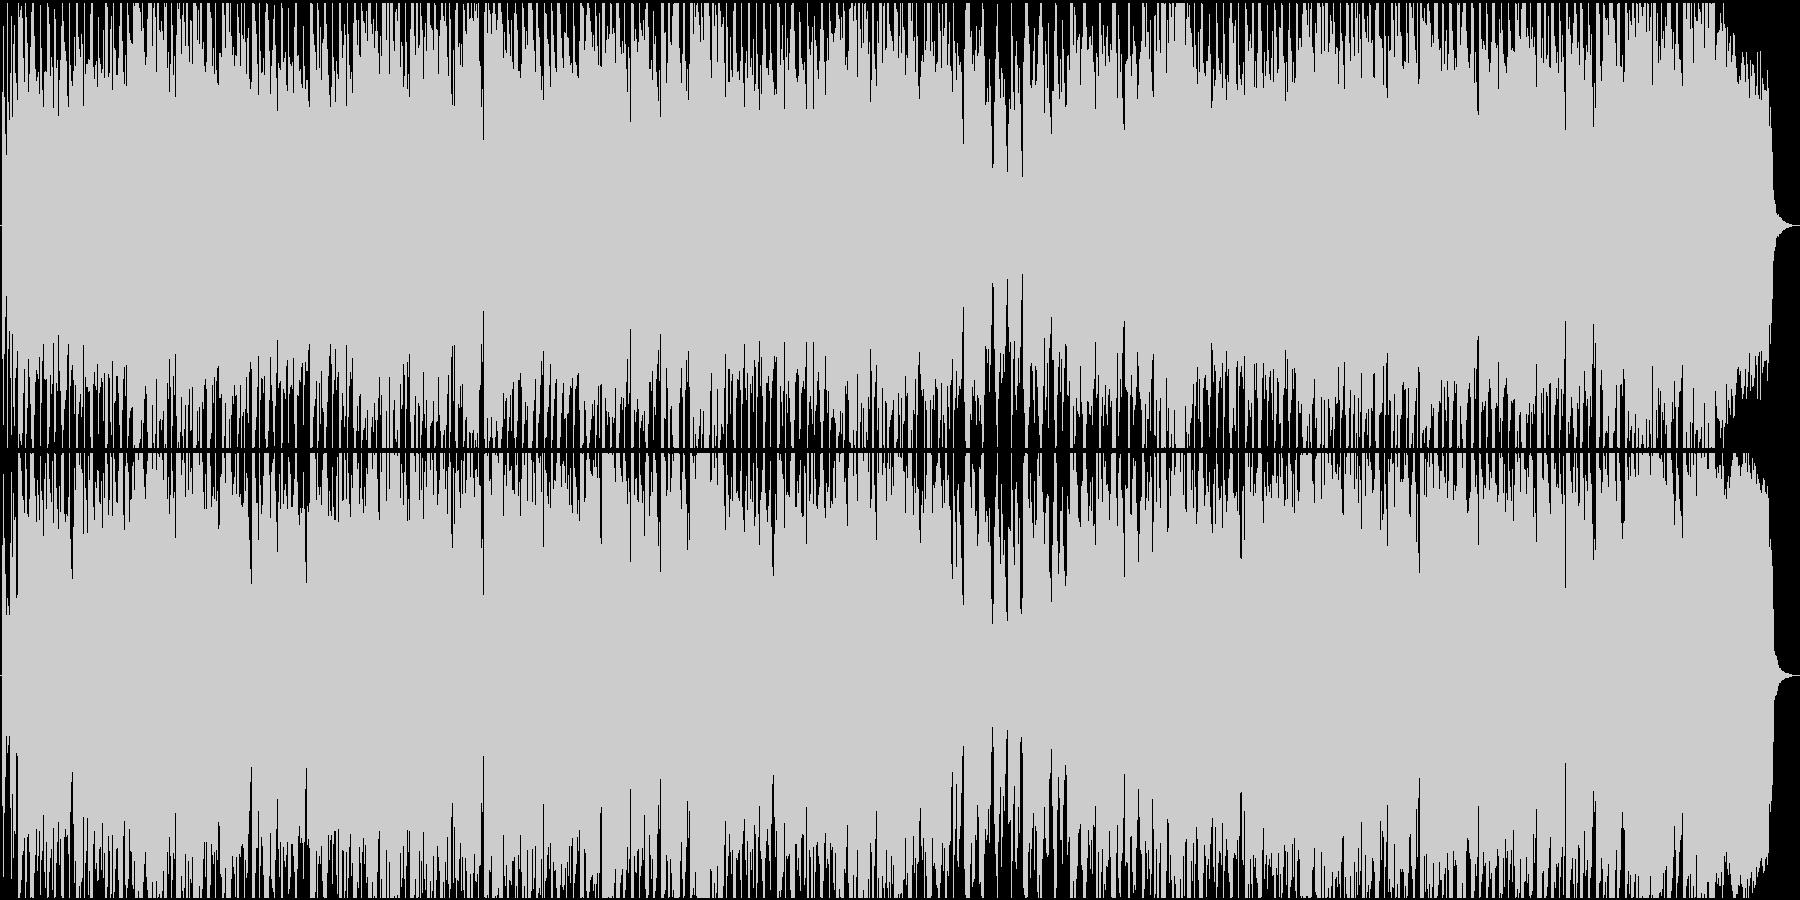 アコーディオンのロシア的なBGMの未再生の波形